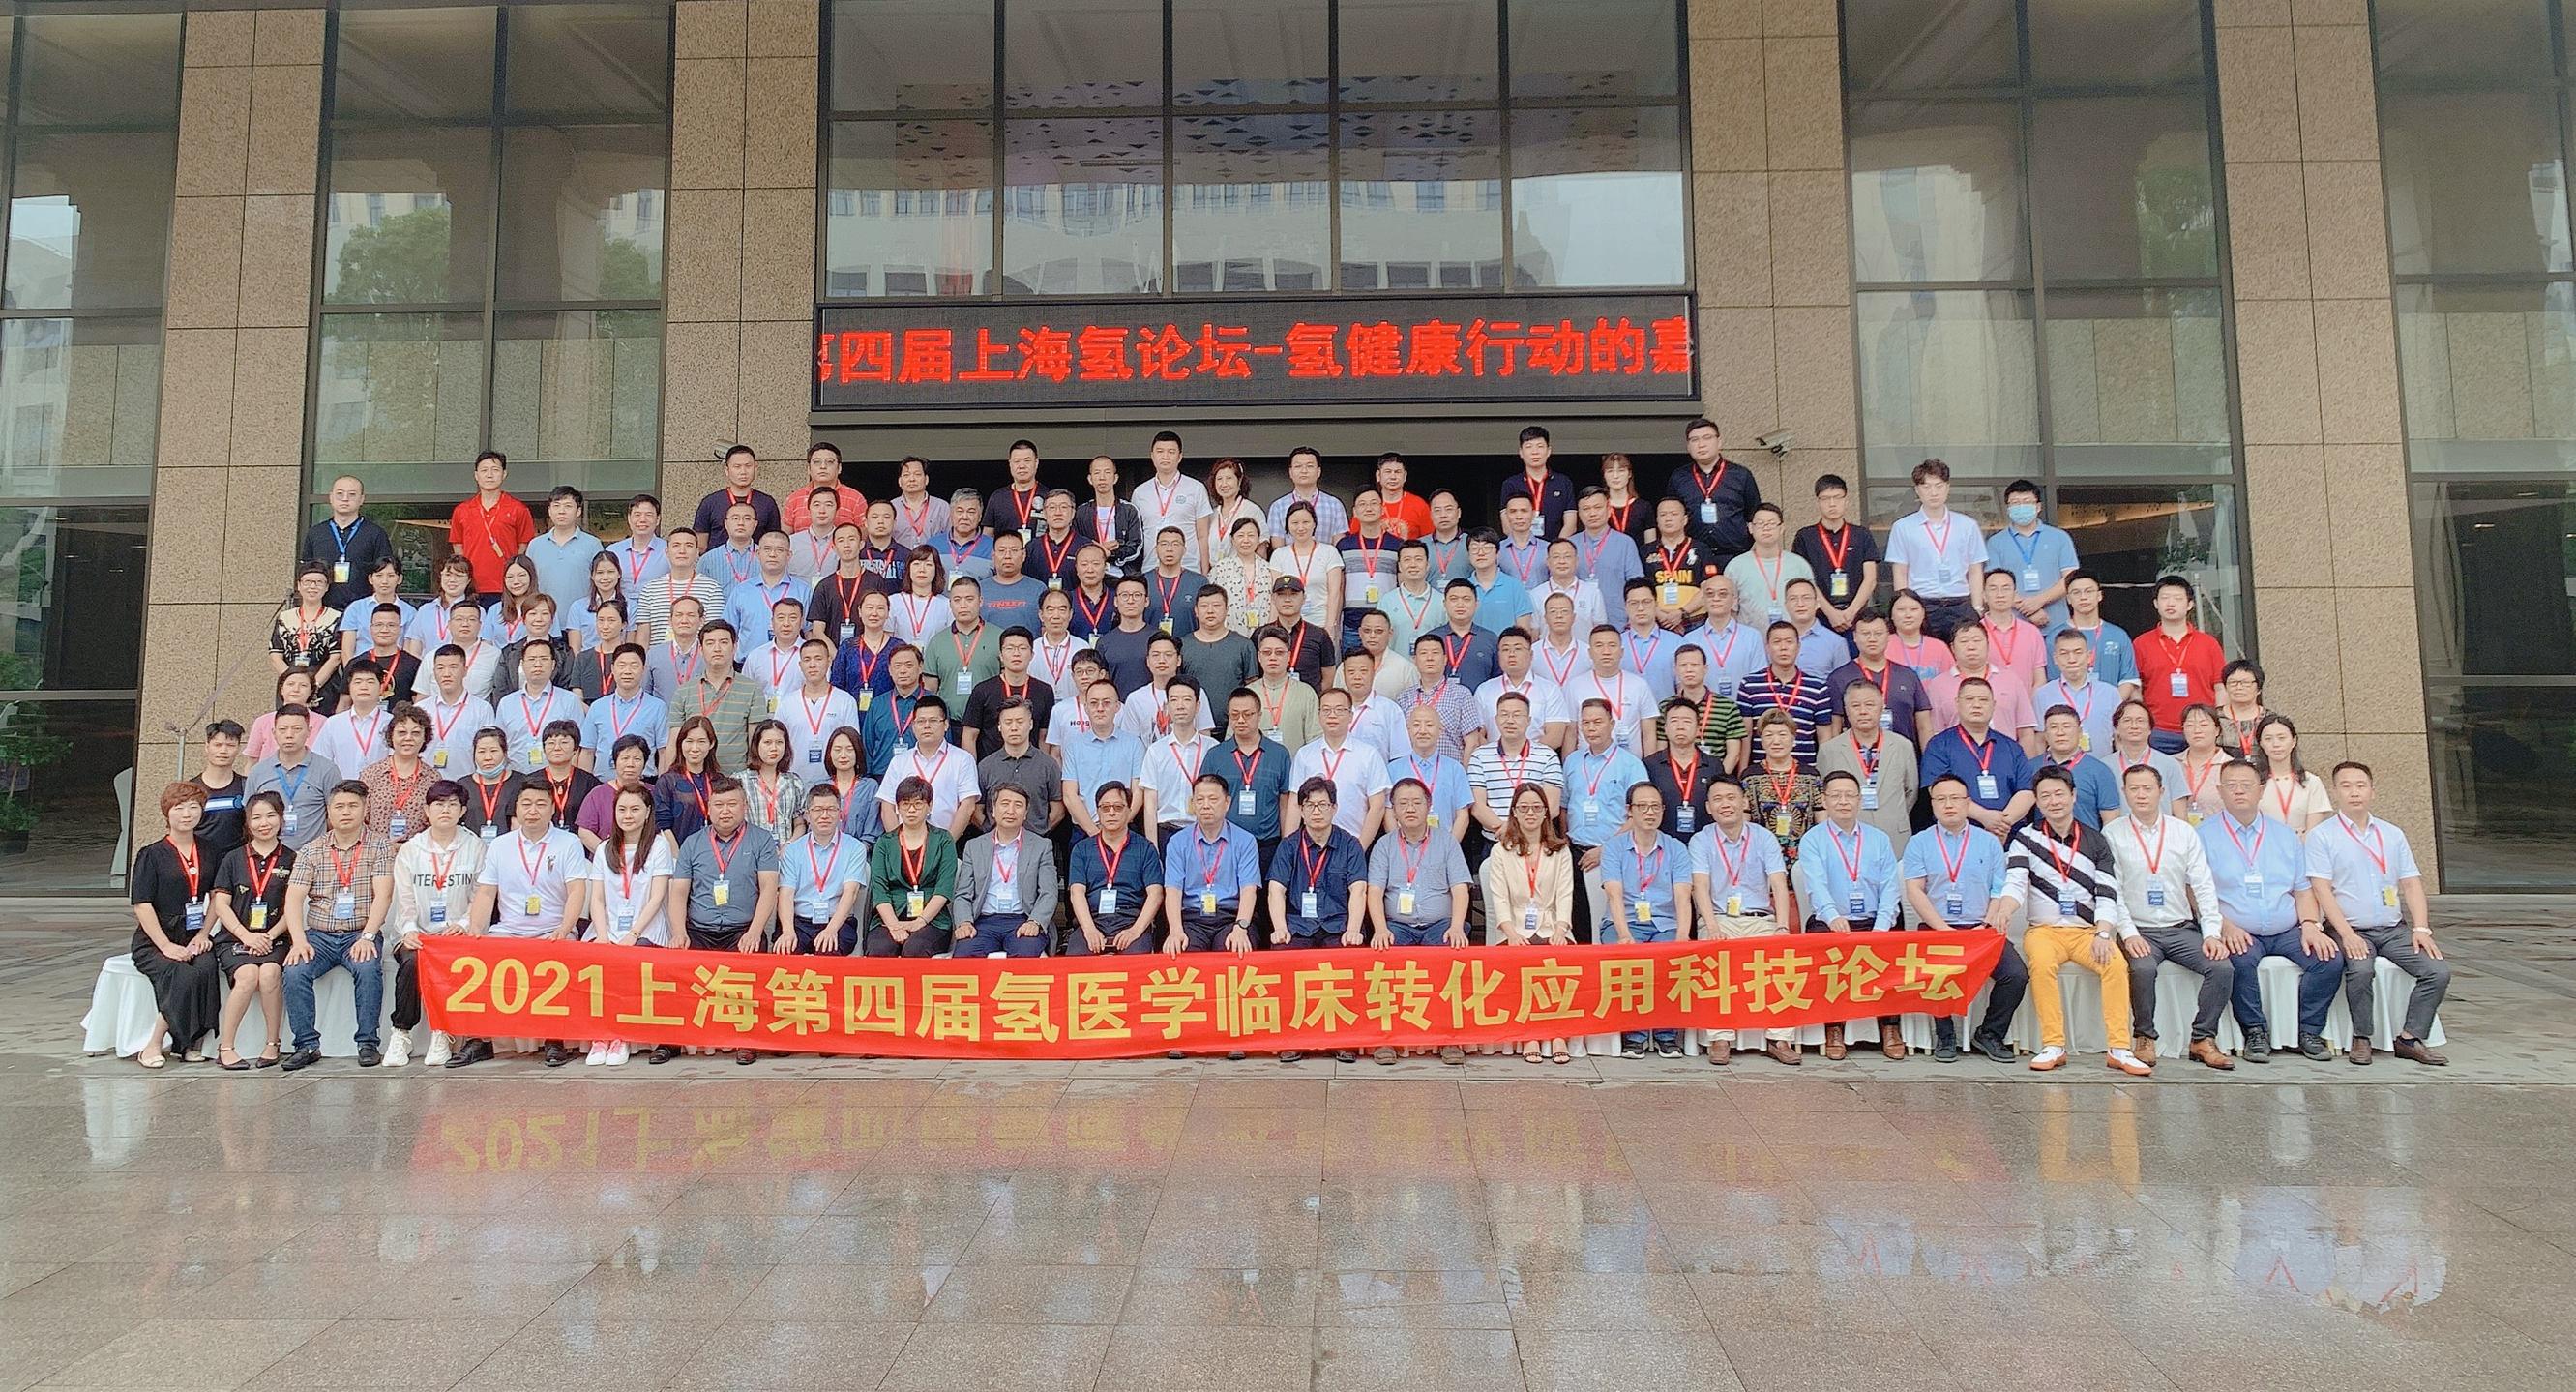 【氫資訊】2021第四屆上海氫論壇-氫健康行動學術會議成功舉辦!